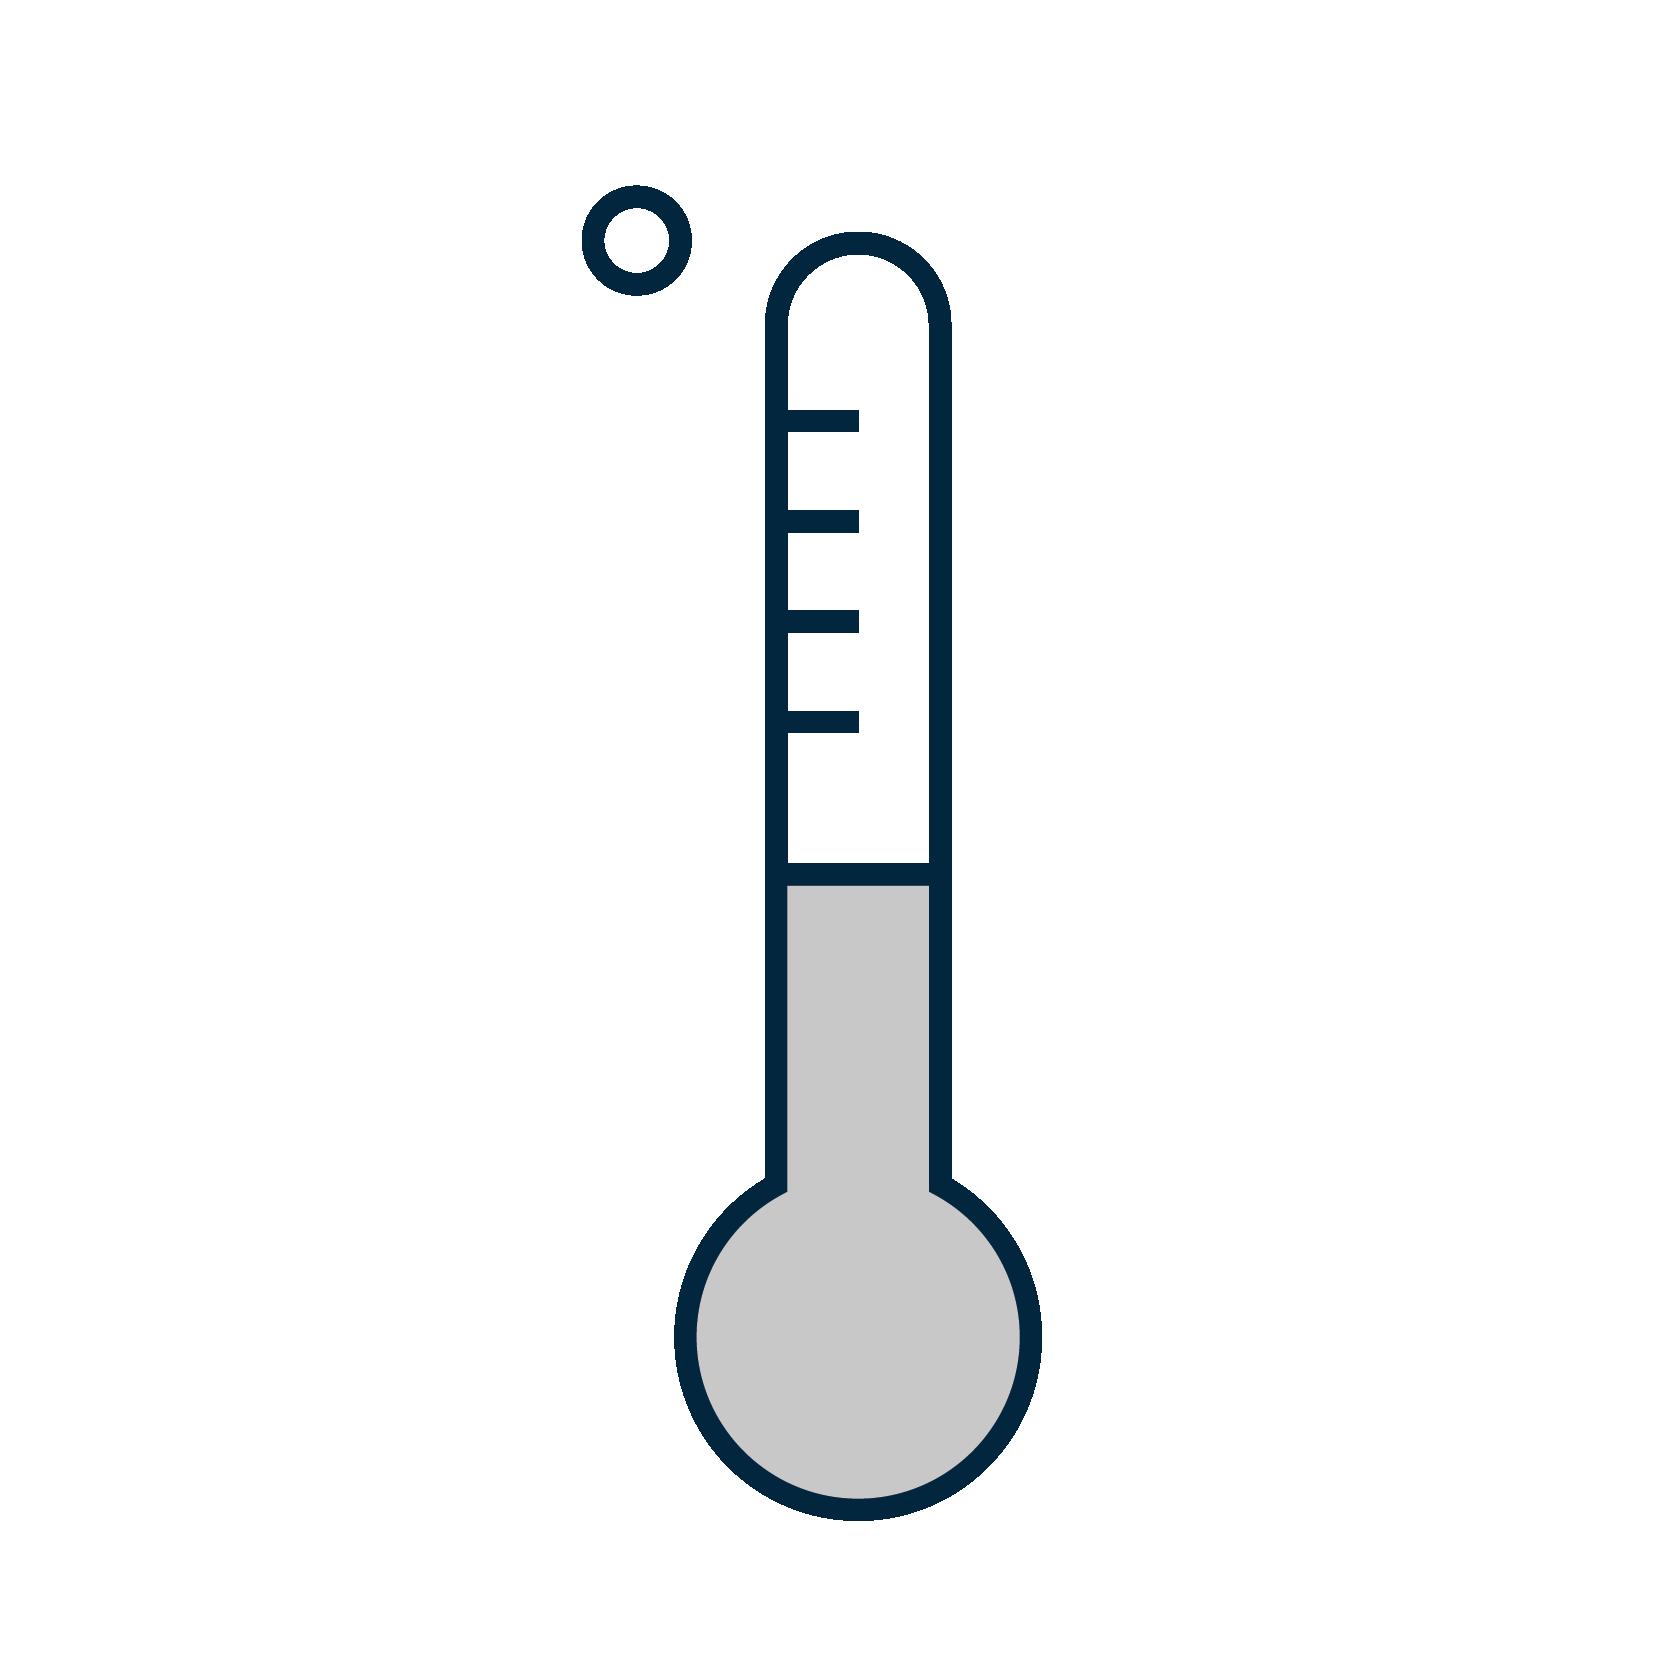 covid icon 5